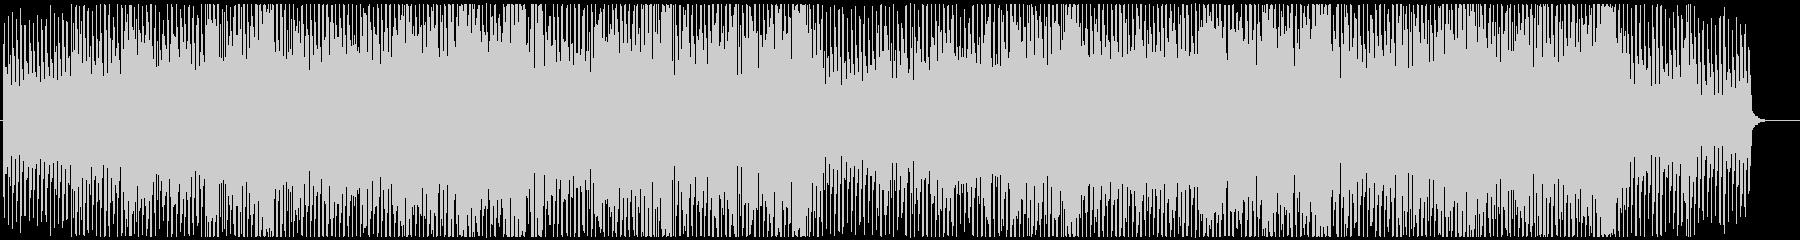 少し浮遊感のあるEDM(ダンス系)ですの未再生の波形